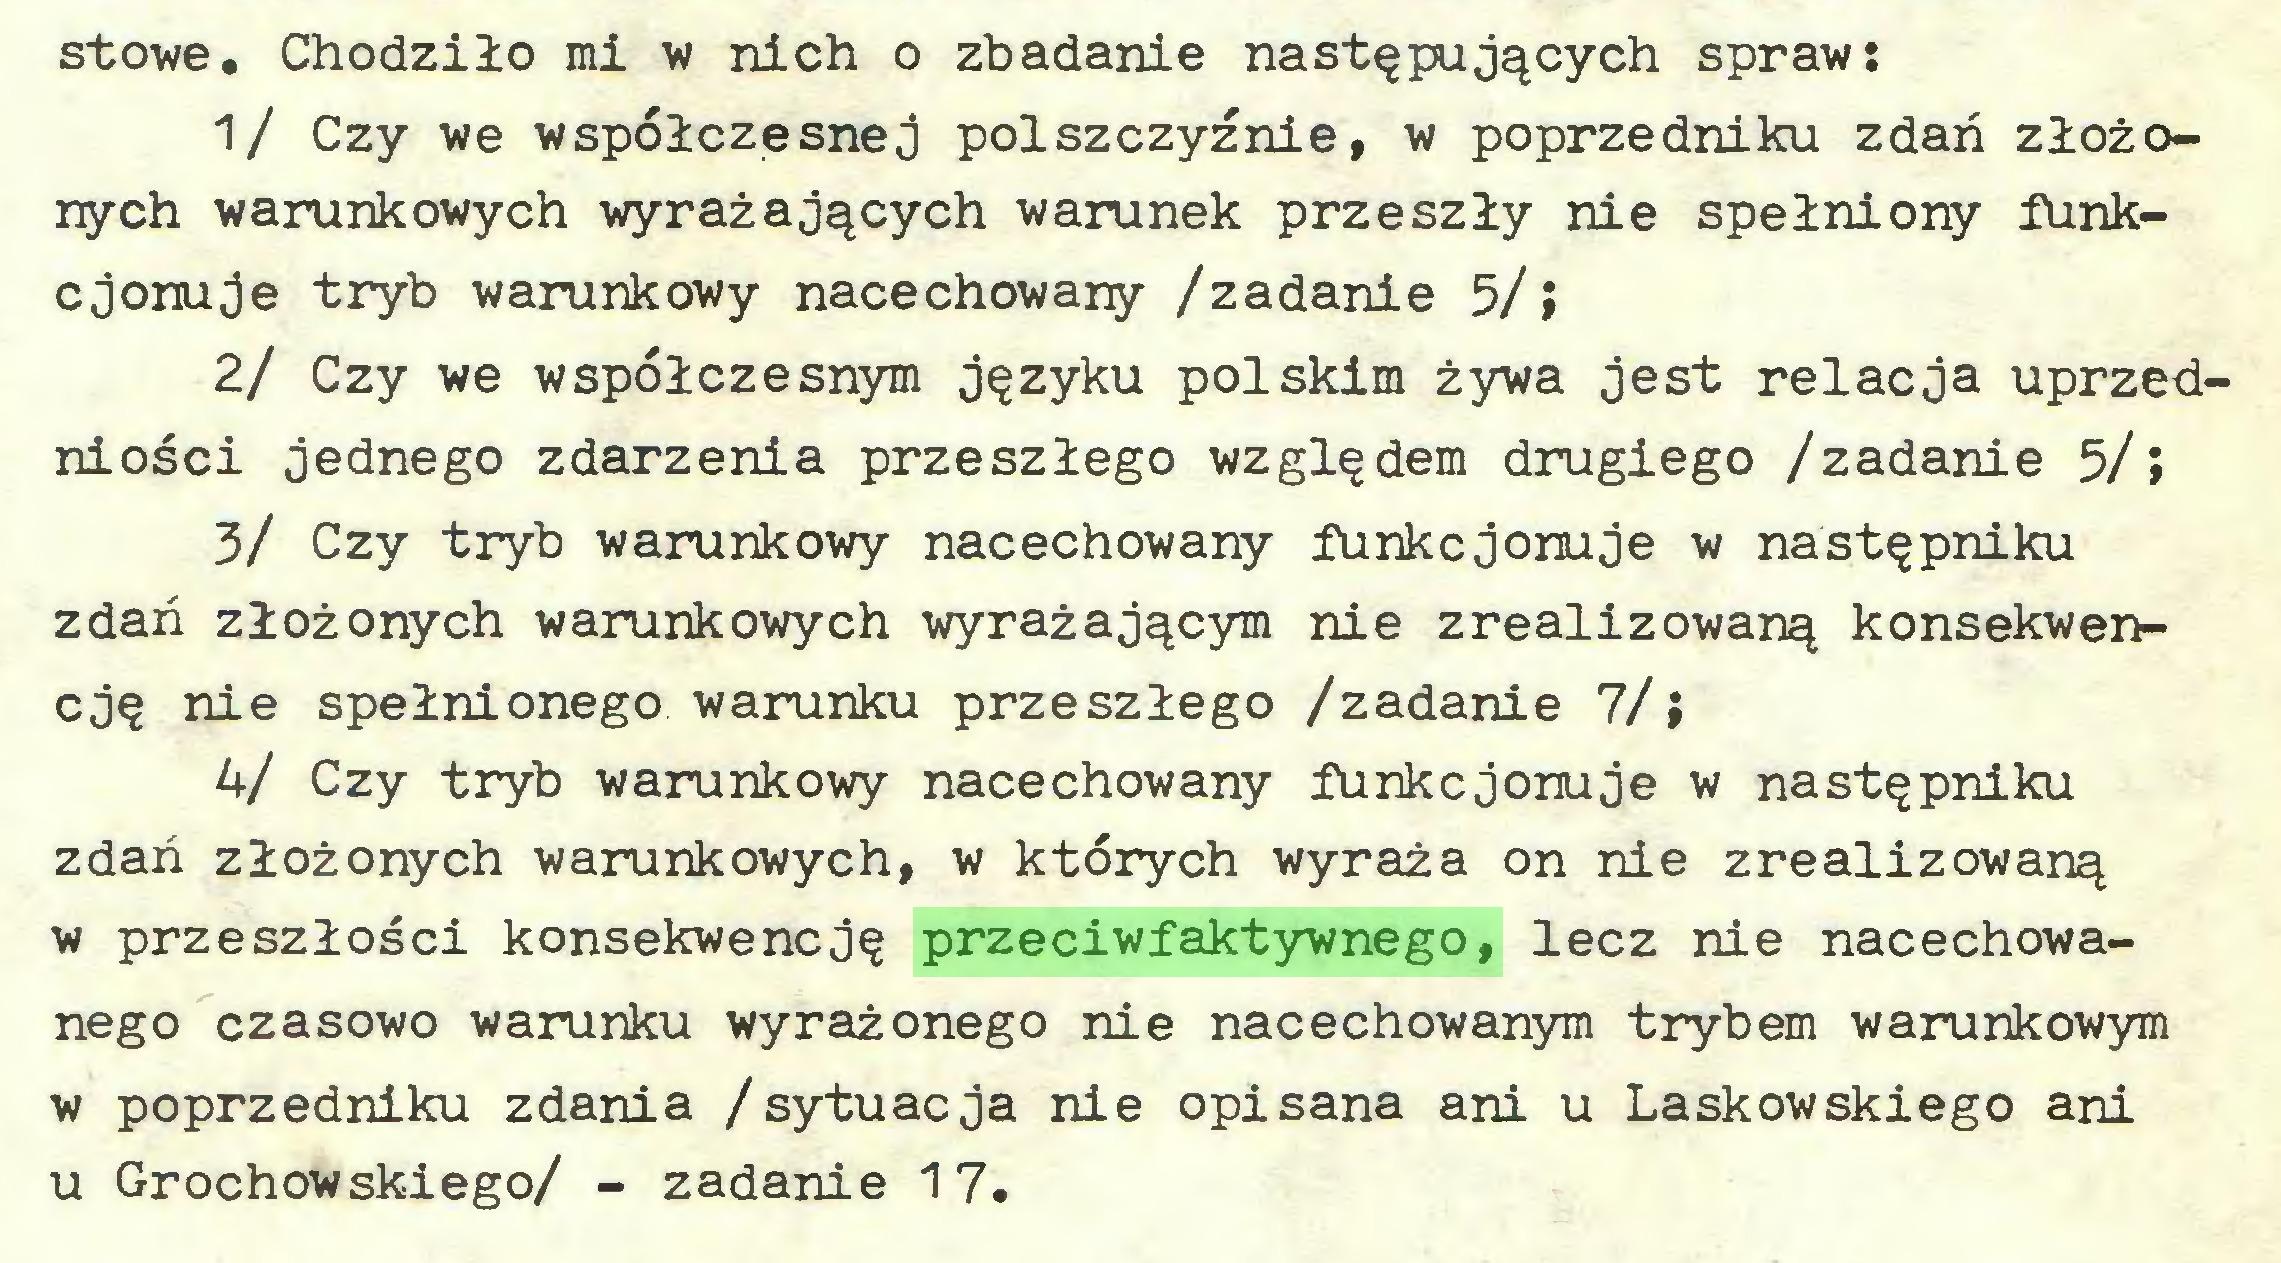 (...) stowe. Chodziło mi w nich o zbadanie następujących spraw: 1/ Czy we współczesnej polszczyźnie, w poprzedniku zdań złożonych warunkowych wyrażających warunek przeszły nie spełniony funkcjonuje tryb warunkowy nacechowany /zadanie 5/» 2/ Czy we współczesnym języku polskim żywa jest relacja uprzedniości jednego zdarzenia przeszłego względem drugiego /zadanie 5/» 3/ Czy tryb warunkowy nacechowany funkcjonuje w następniku zdań złożonych warunkowych wyrażającym nie zrealizowaną konsekwencję nie spełnionego warunku przeszłego /zadanie 7/; 4/ Czy tryb warunkowy nacechowany funkcjonuje w następniku zdań złożonych warunkowych, w których wyraża on nie zrealizowaną w przeszłości konsekwencję przeciwfaktywnego, lecz nie nacechowanego czasowo warunku wyrażonego nie nacechowanym trybem warunkowym w poprzedniku zdania /sytuacja nie opisana ani u Laskowskiego ani u Grochowskiego/ - zadanie 17...